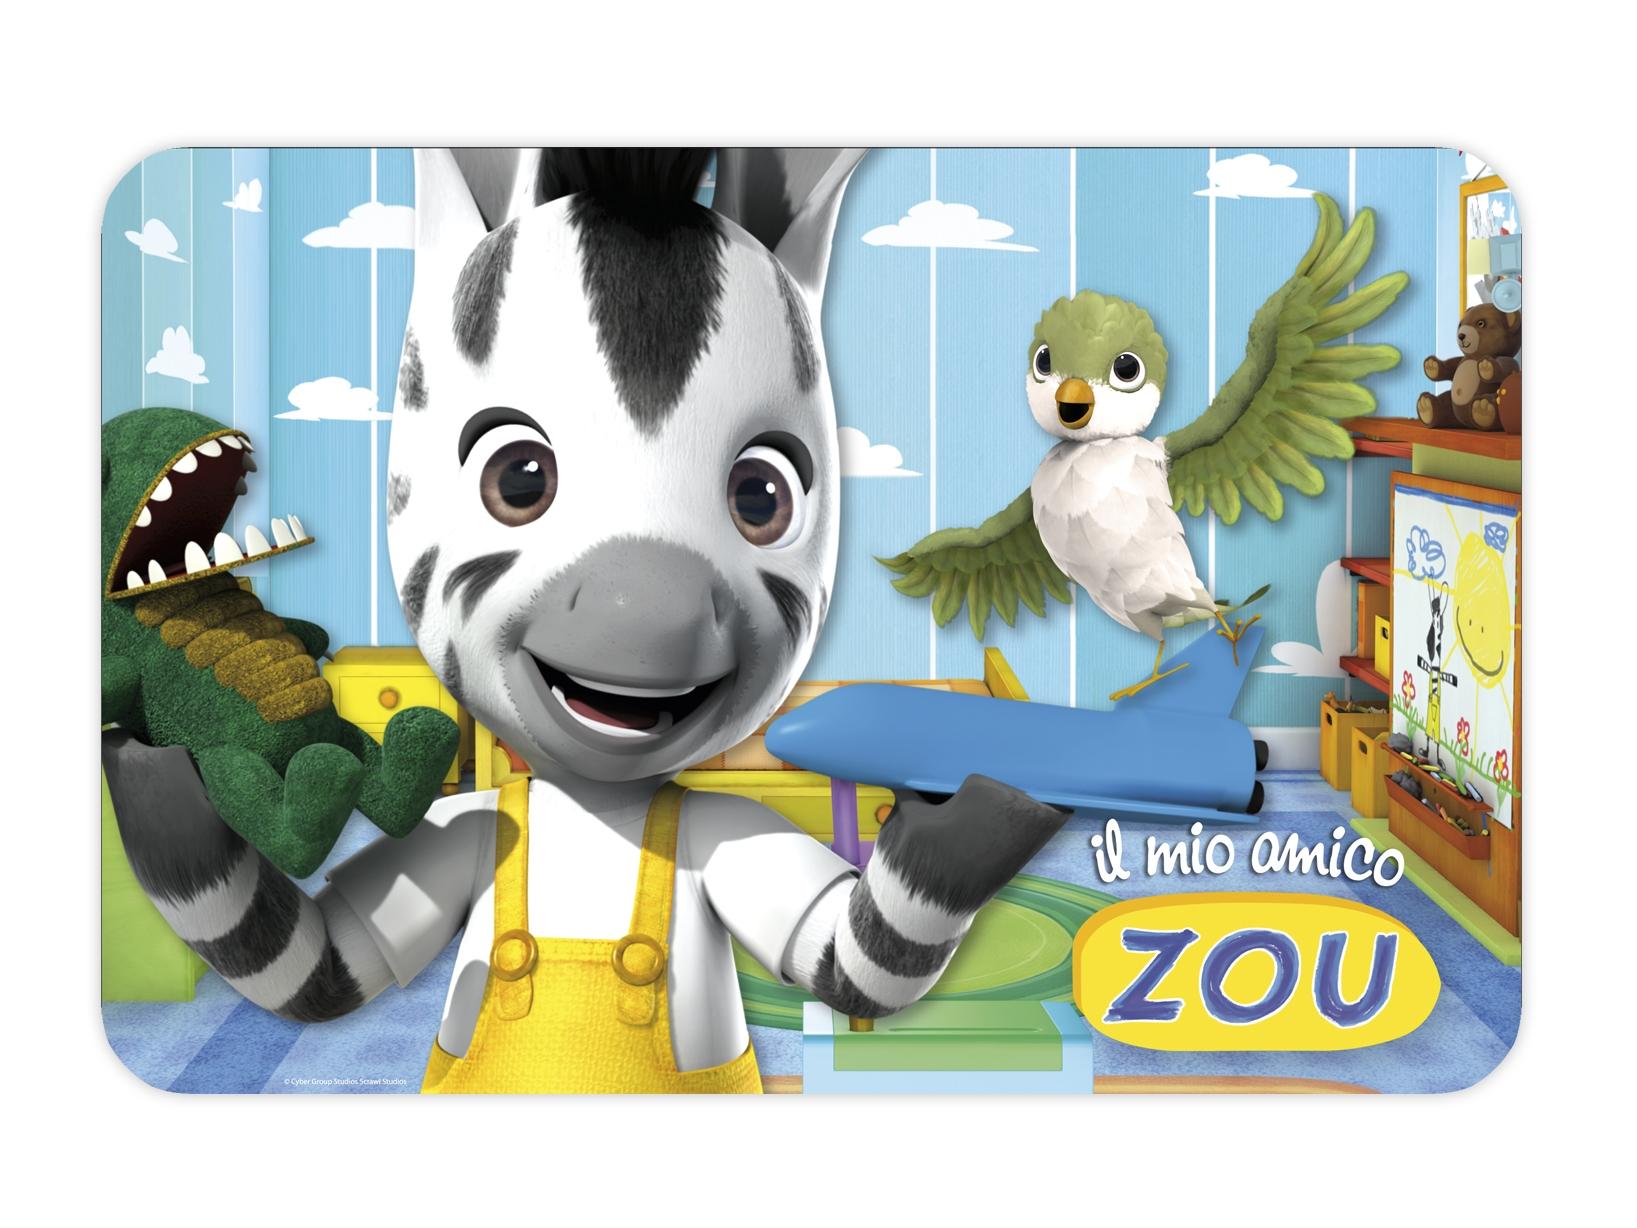 Acquista Tovaglietta Polipropilene Zou 17528109 | Glooke.com